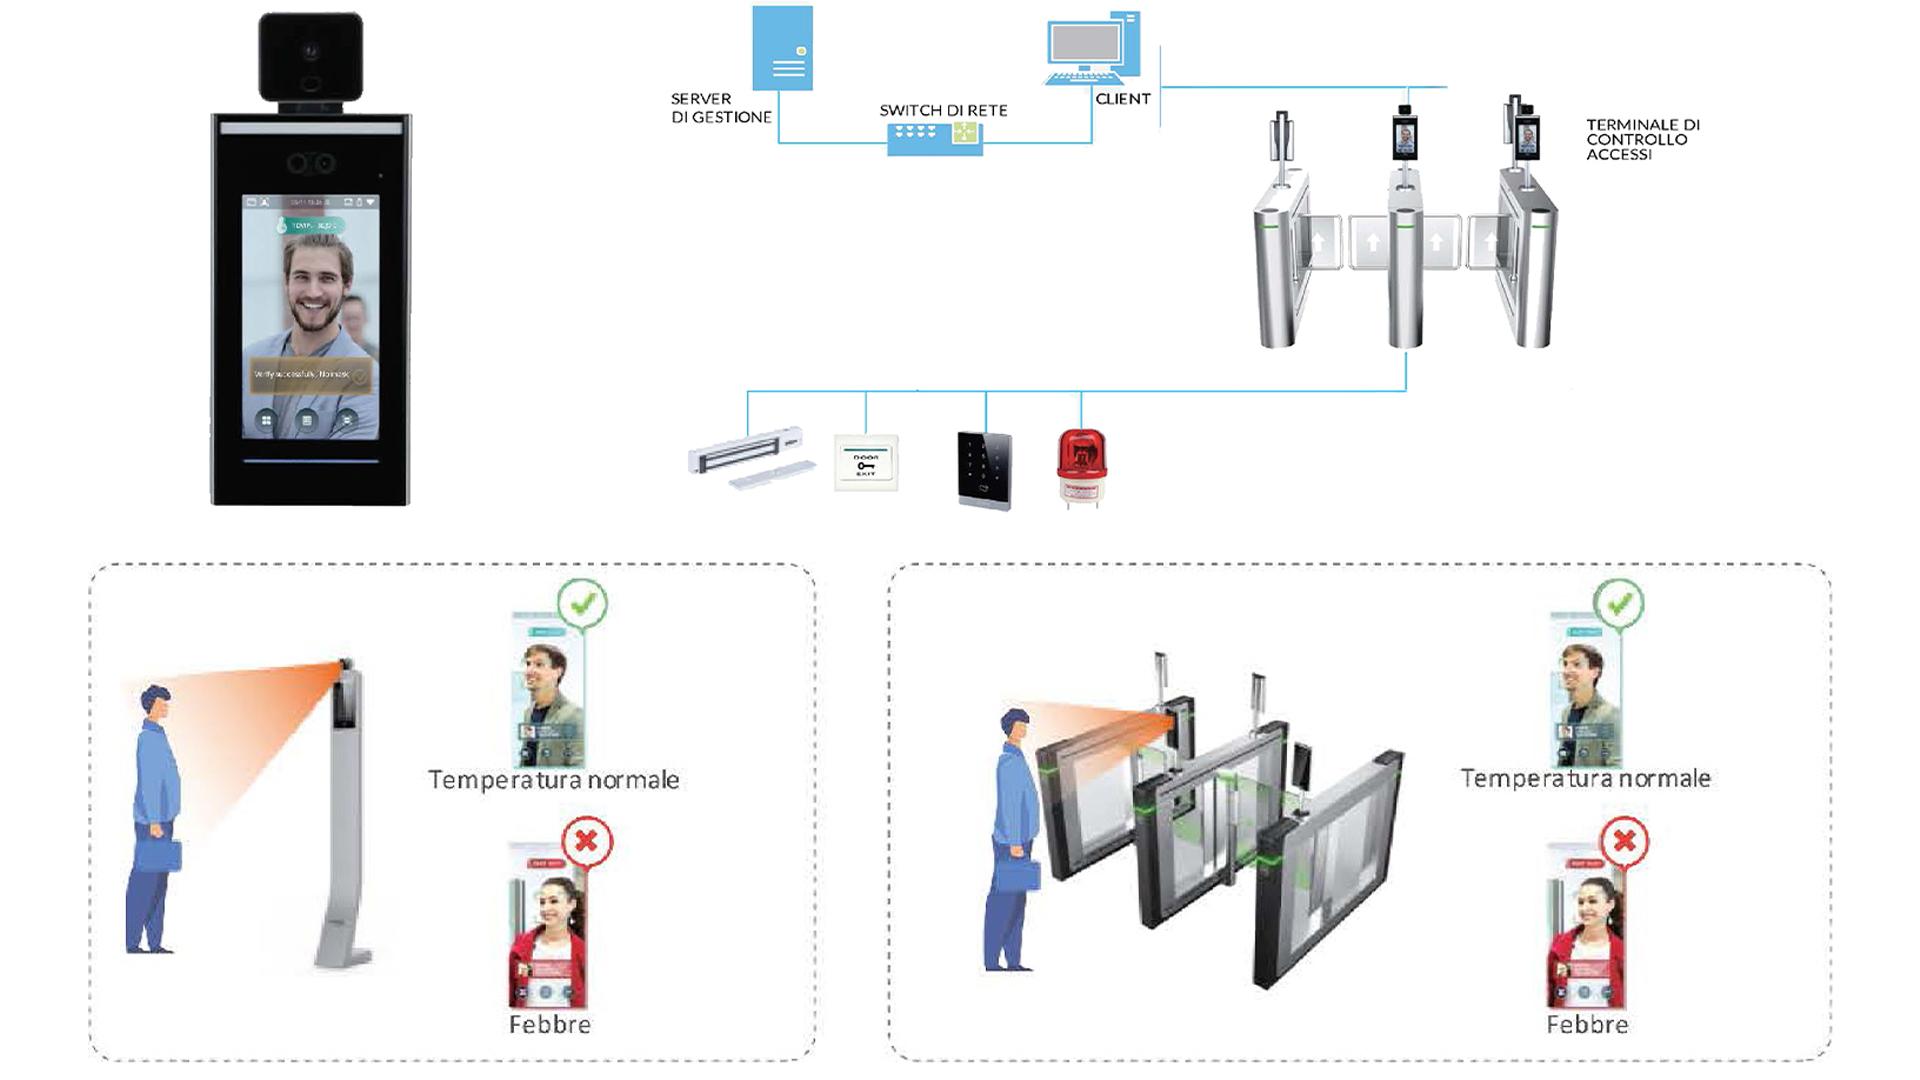 sicurezza_video_analisi_1